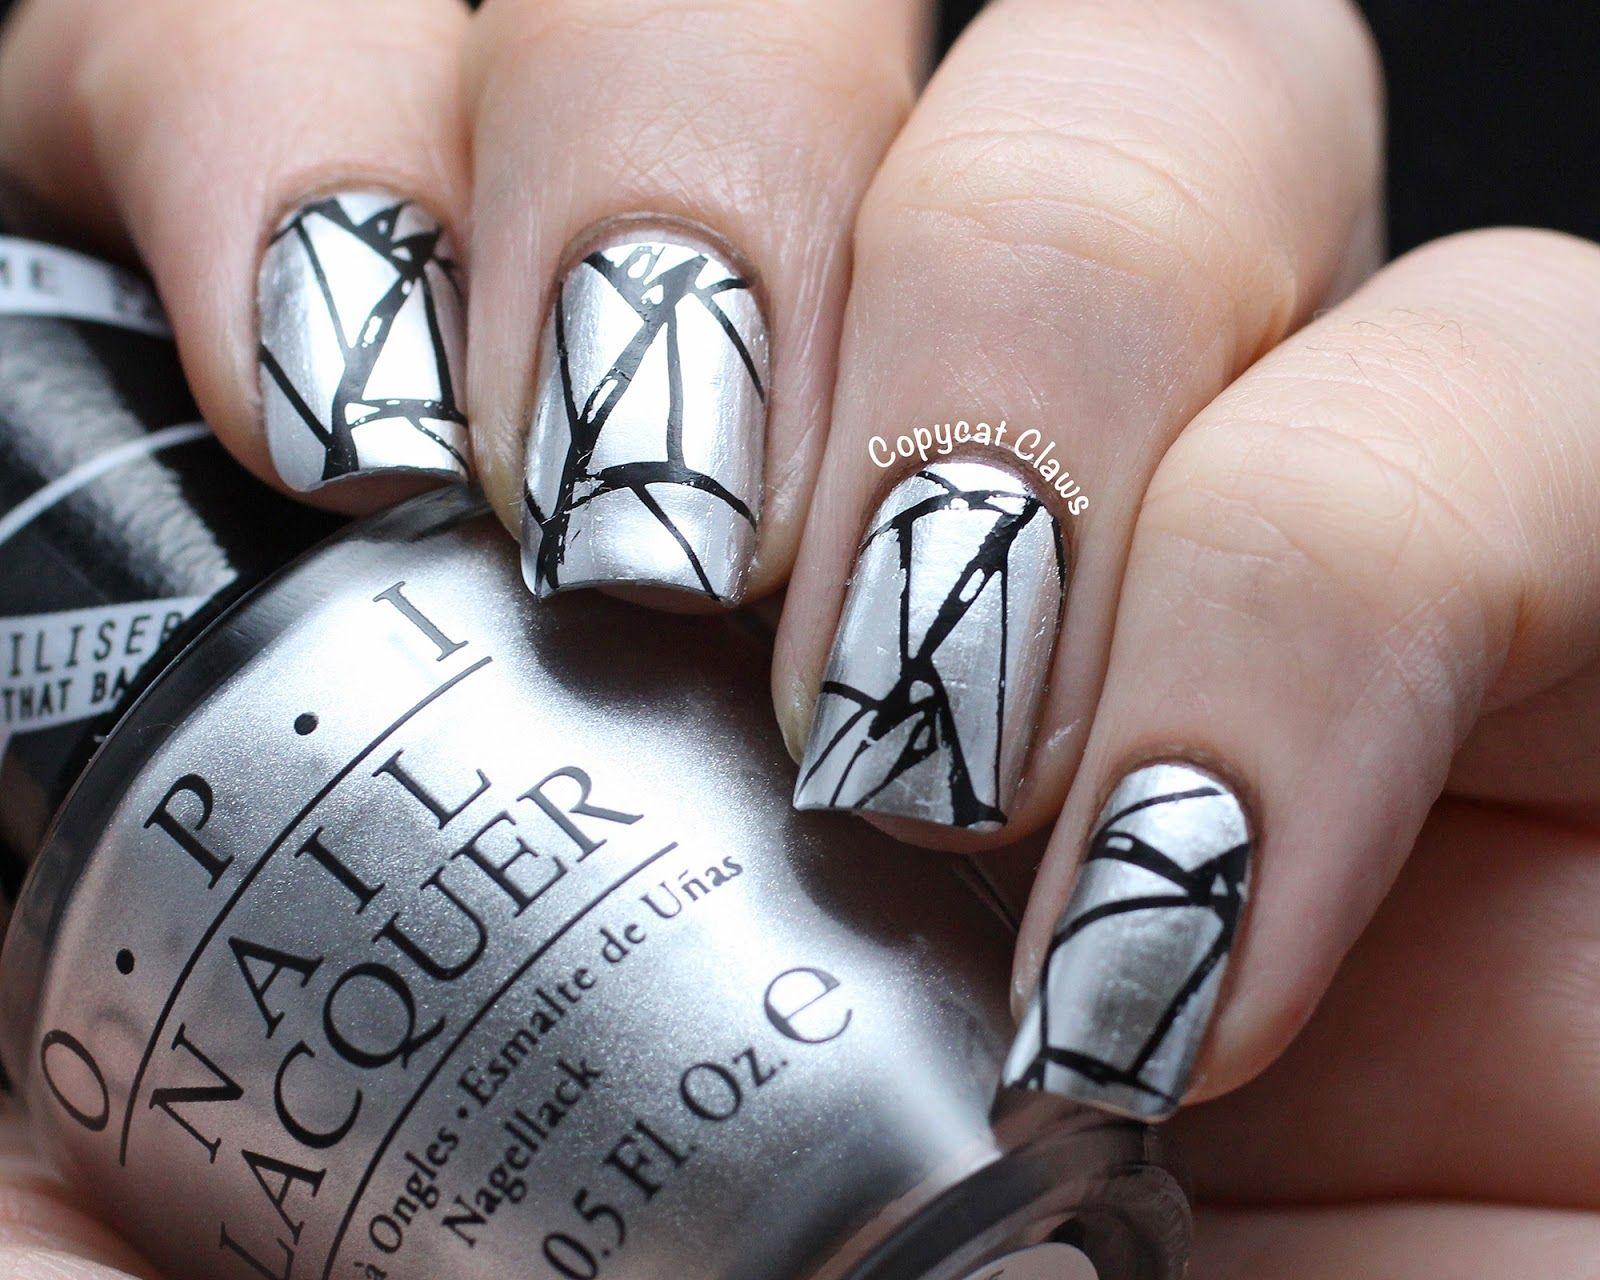 Copycat claws broken mirror nail nails nailart nail art copycat claws broken mirror nail nails nailart prinsesfo Choice Image